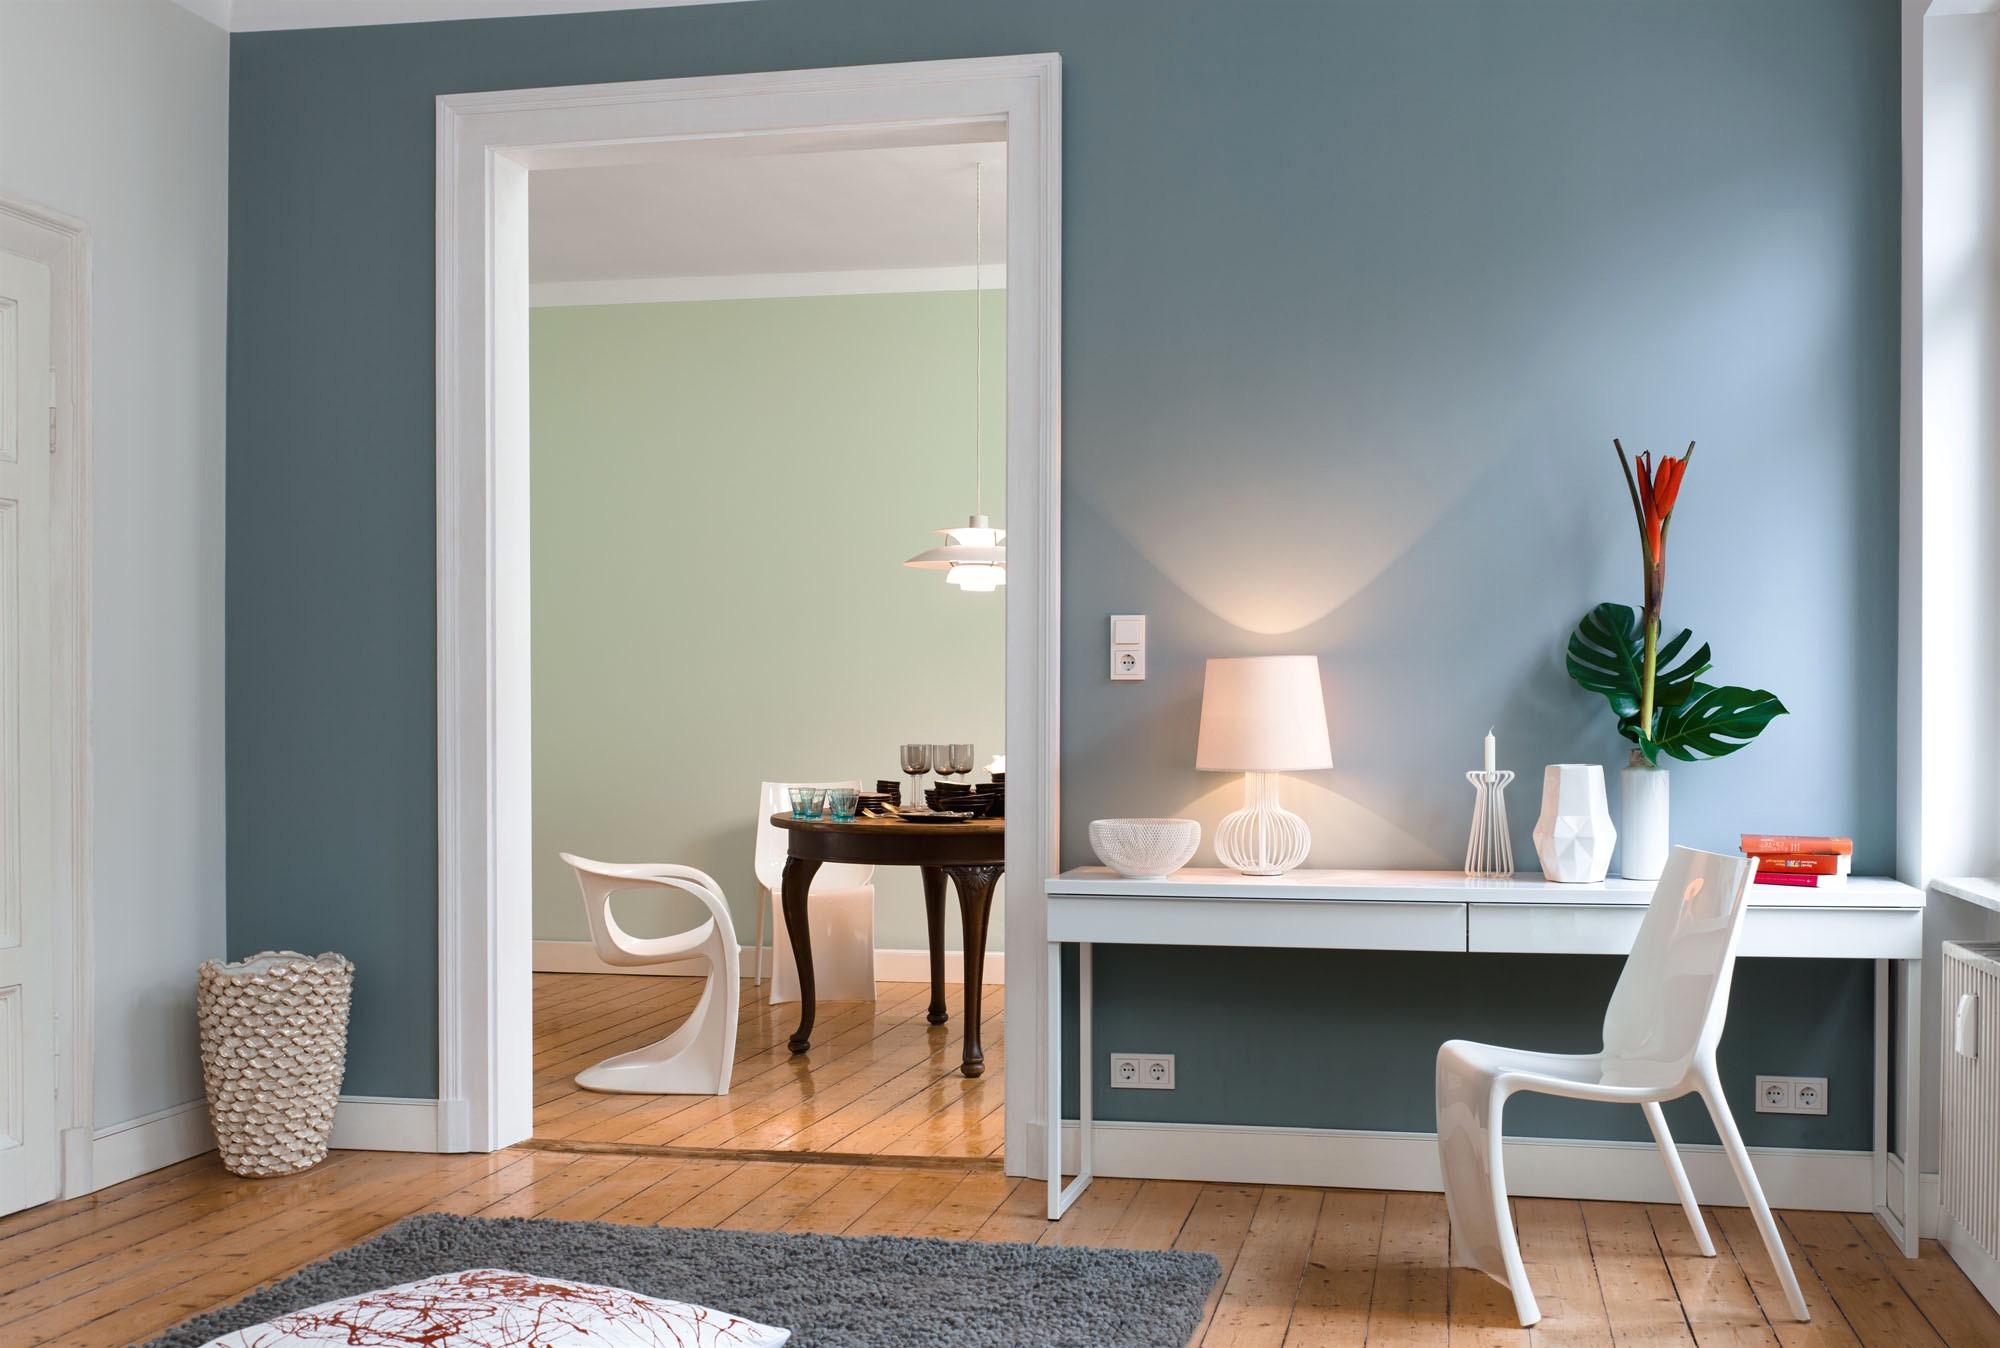 Wandgestaltung Mit Drei Farben Charmant On Andere In Bezug Auf Für Pic Flur Diele Farbe 5